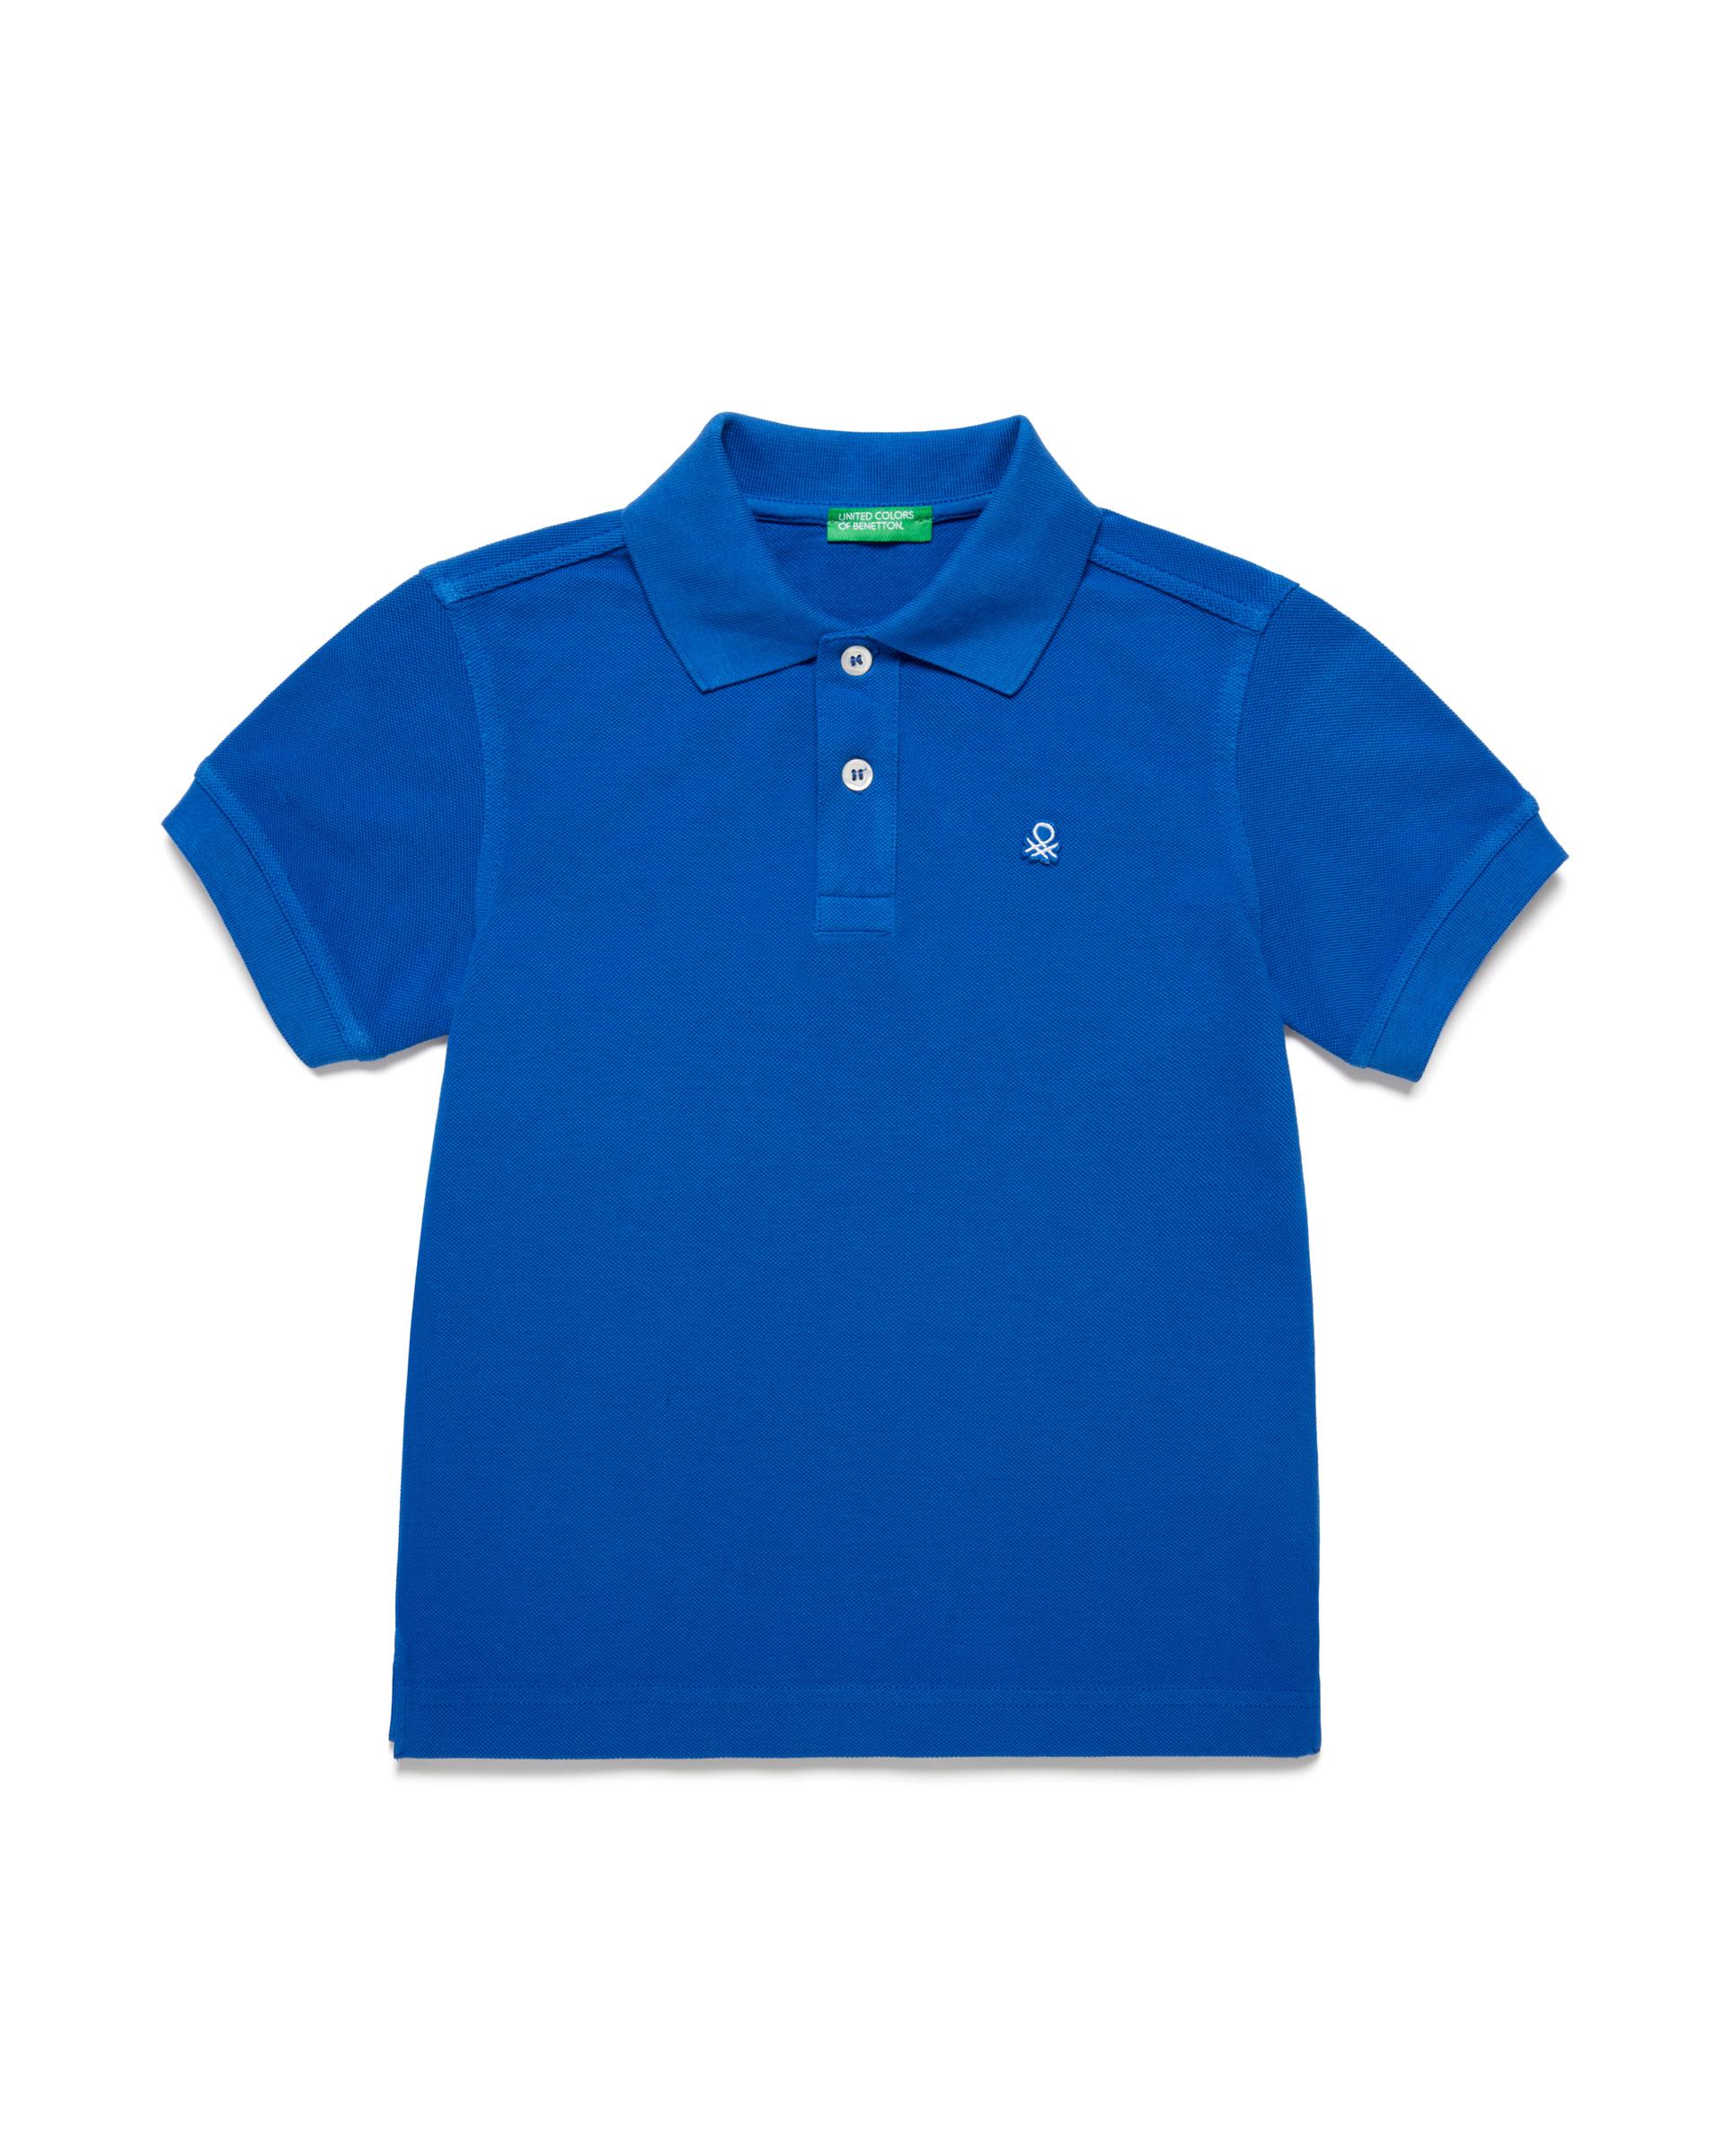 Купить 20P_3089C3091_19R, Поло-пике для мальчиков Benetton 3089C3091_19R р-р 92, United Colors of Benetton, Кофточки, футболки для новорожденных